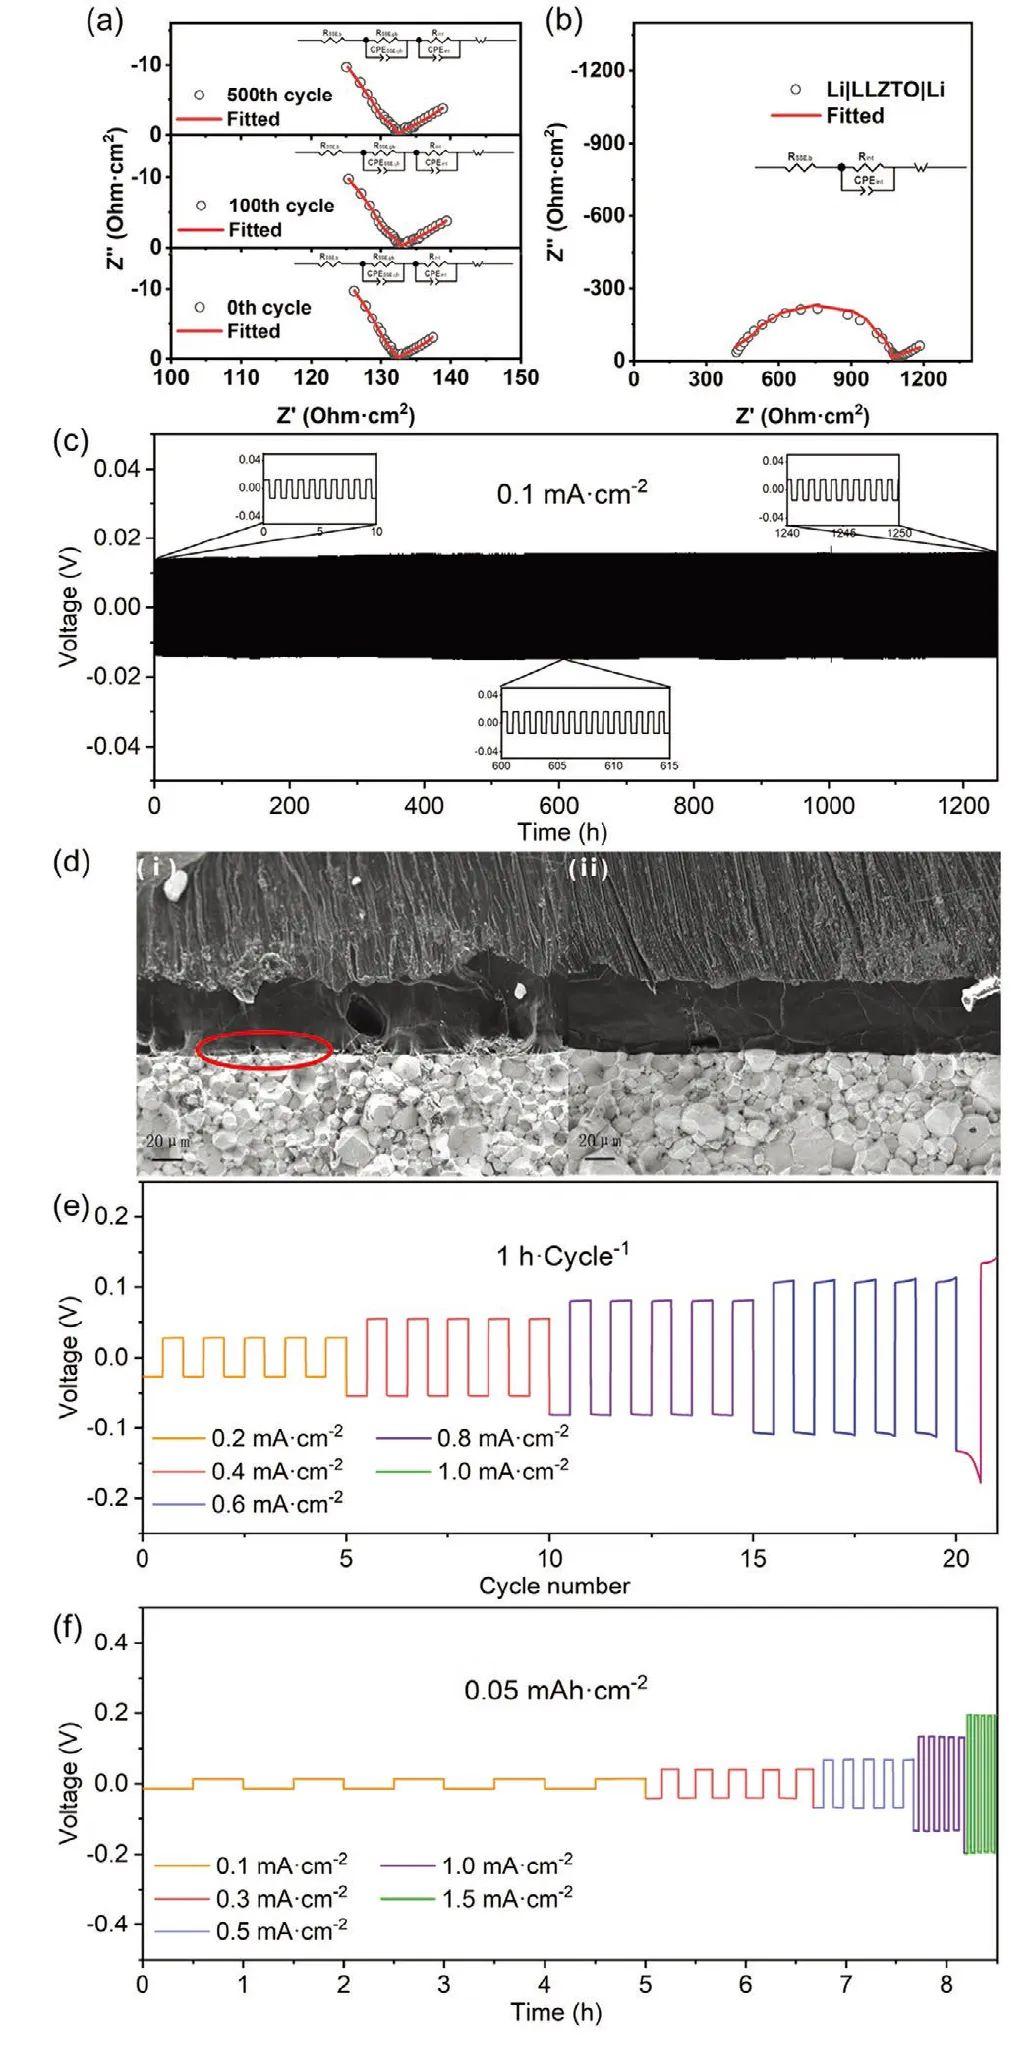 五邑大学&中科院AM: 掺钠解决锂金属与固态电解质界面问题